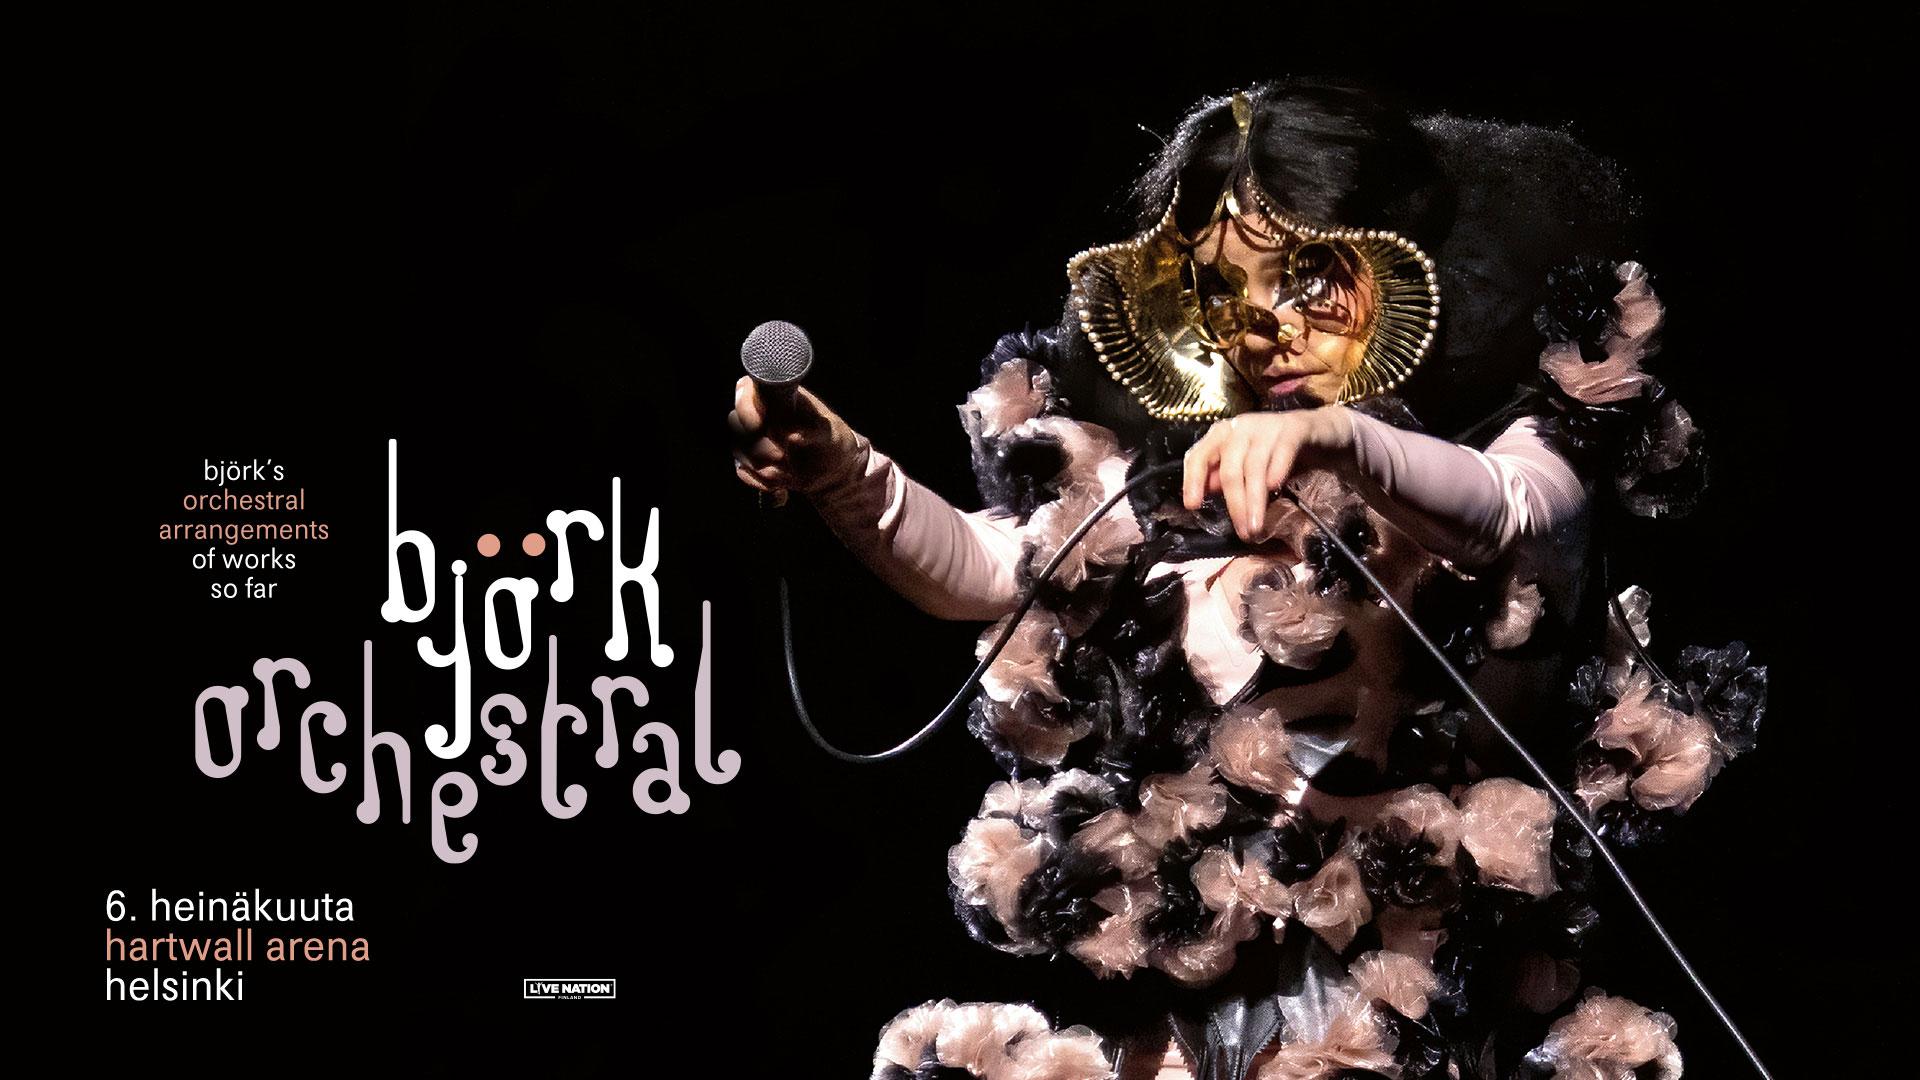 Länken till evenemang Björk